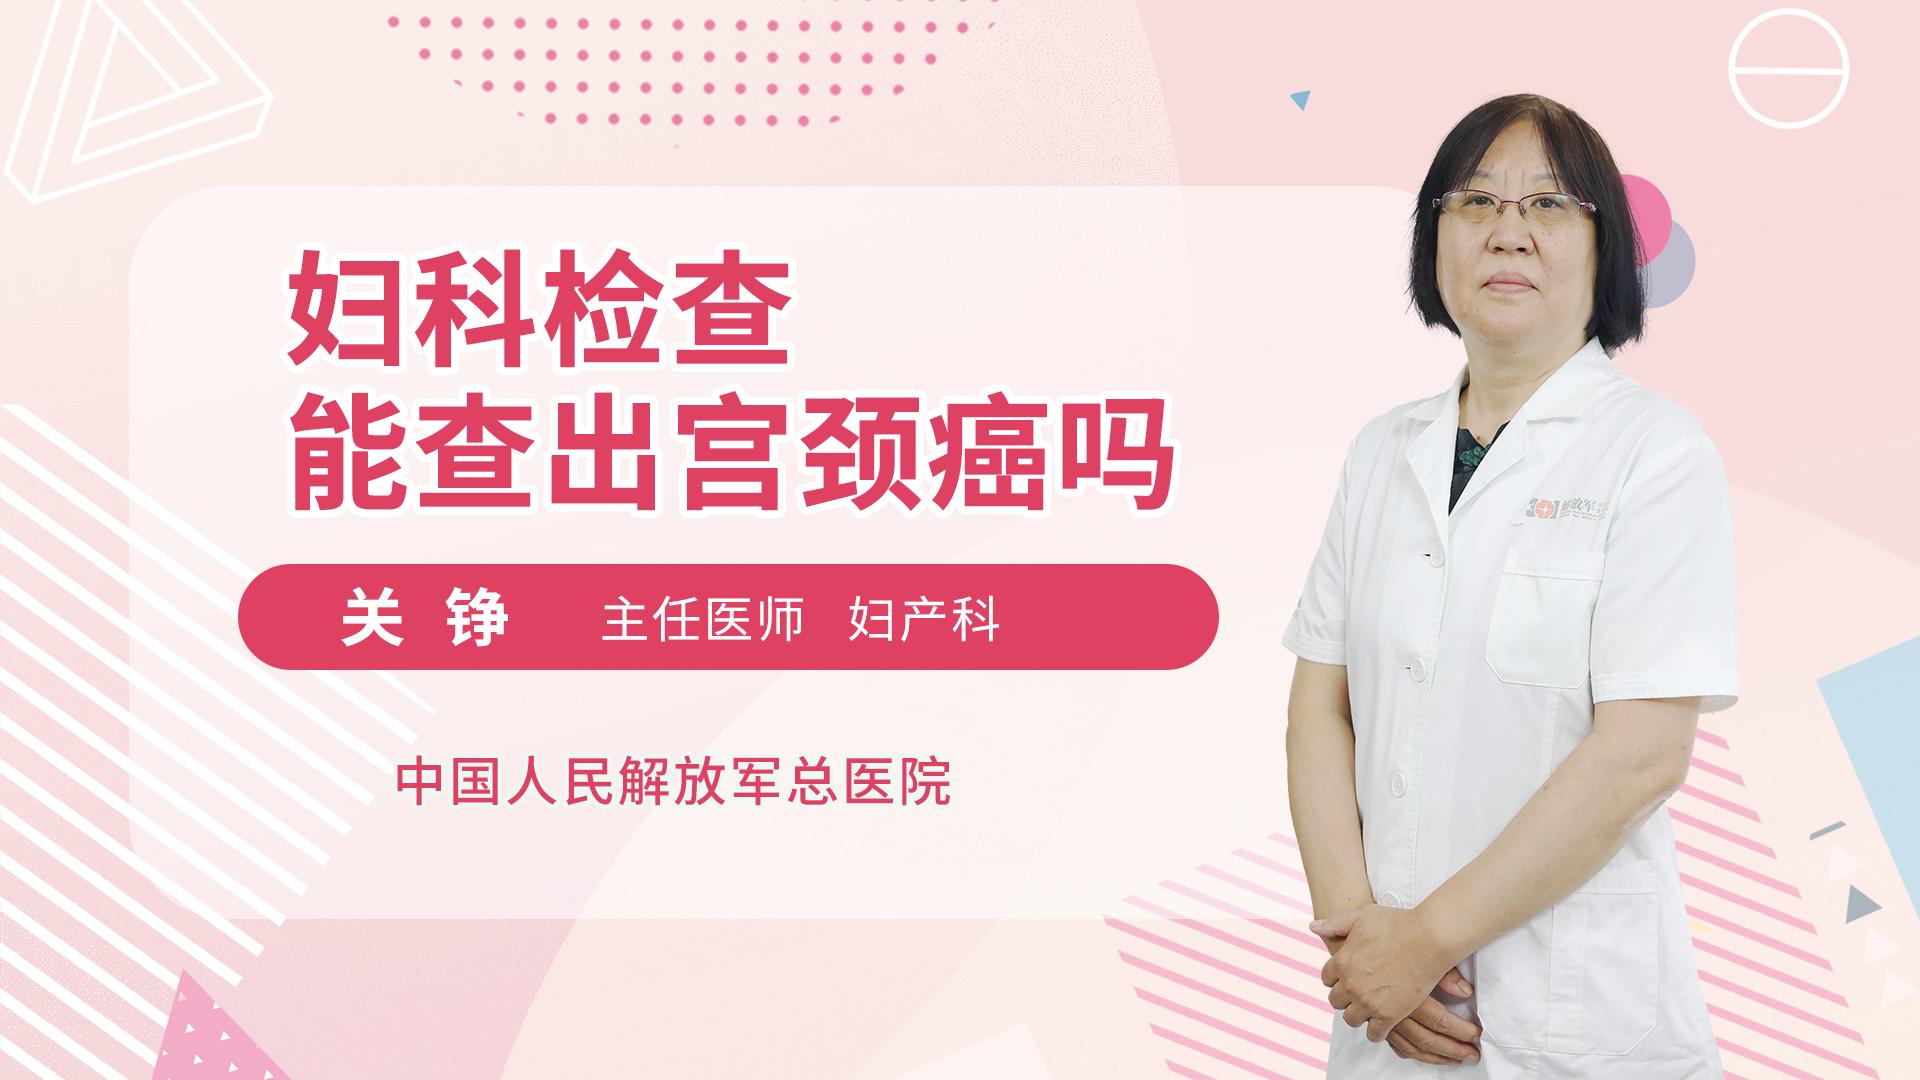 妇科检查能查出宫颈癌吗